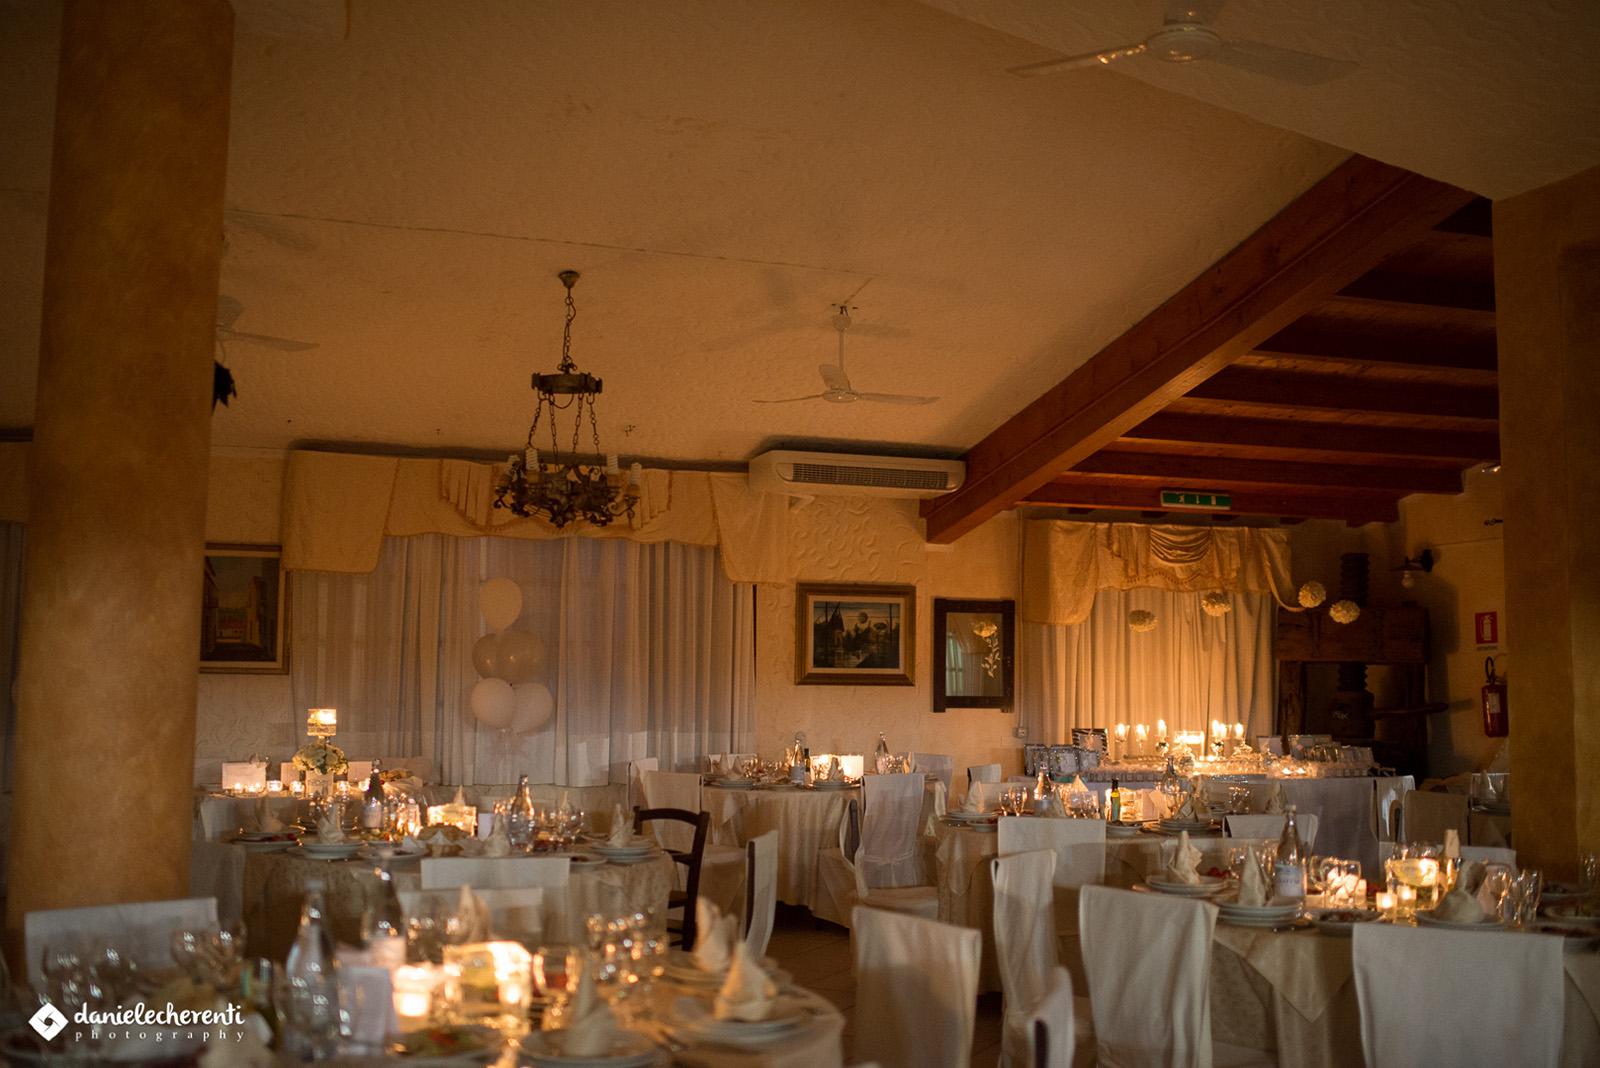 Sale ricevimenti per matrimoni a Carbonia - Ristorante Tanit - Ristorante a Caqrbonia dal 1981